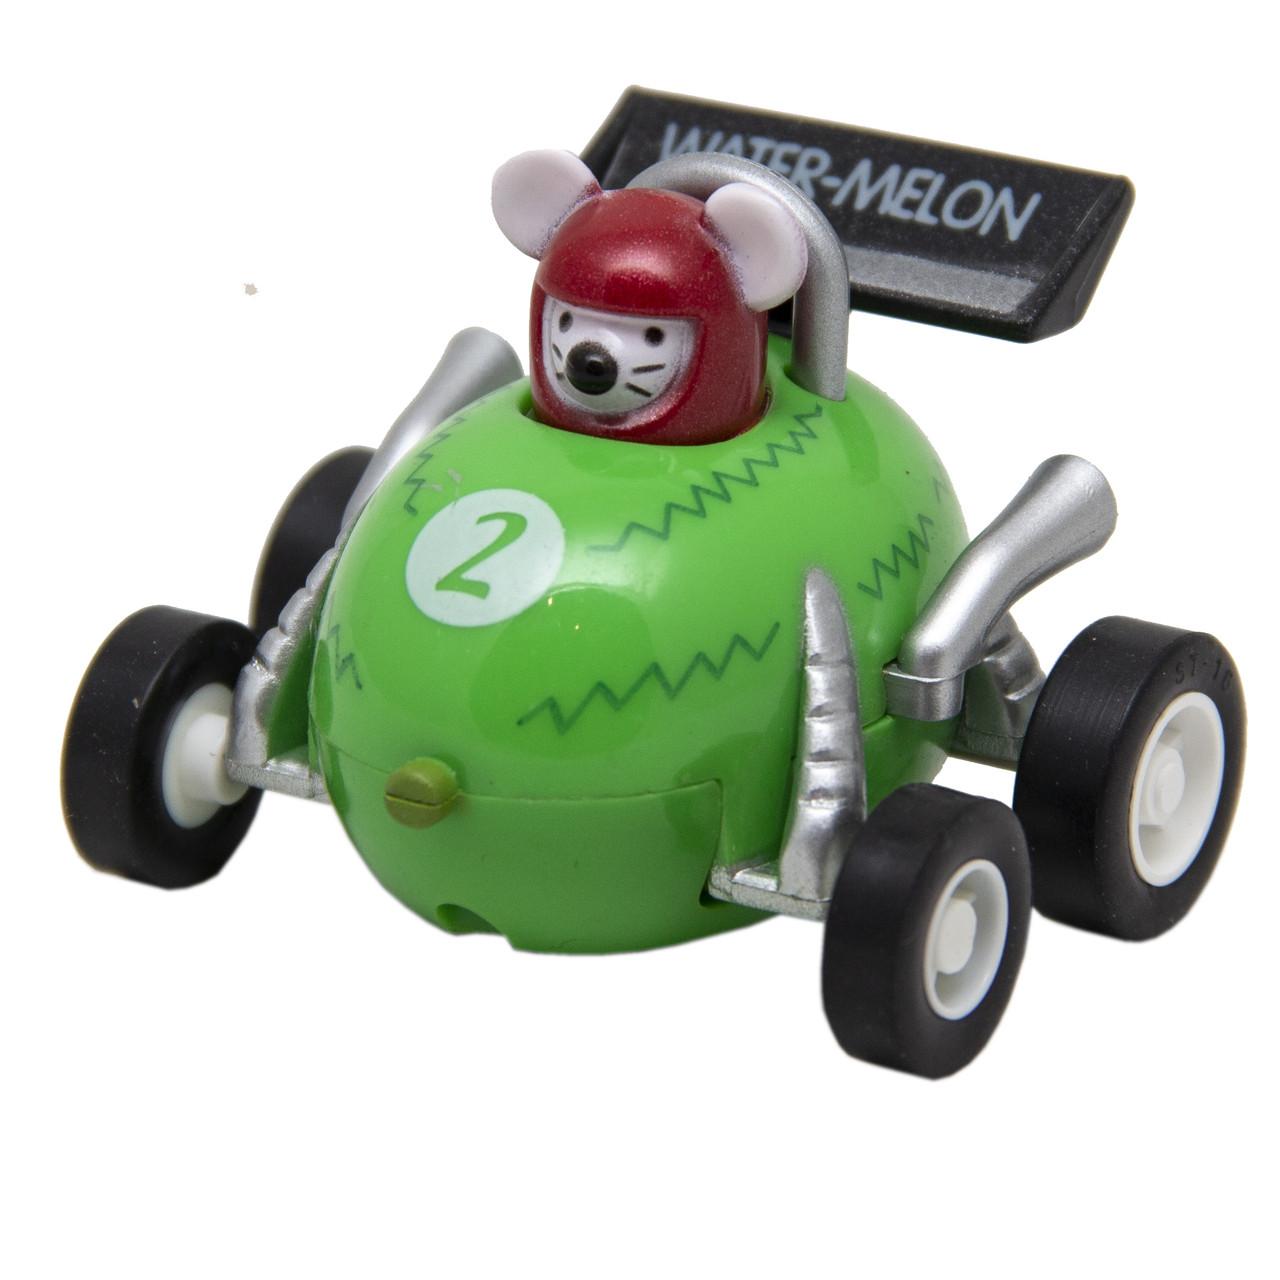 Игрушка инерционная - мышонок-гонщик Aohua, машинка в форме арбуза 4,5 см, пластик (MR-12C-9)